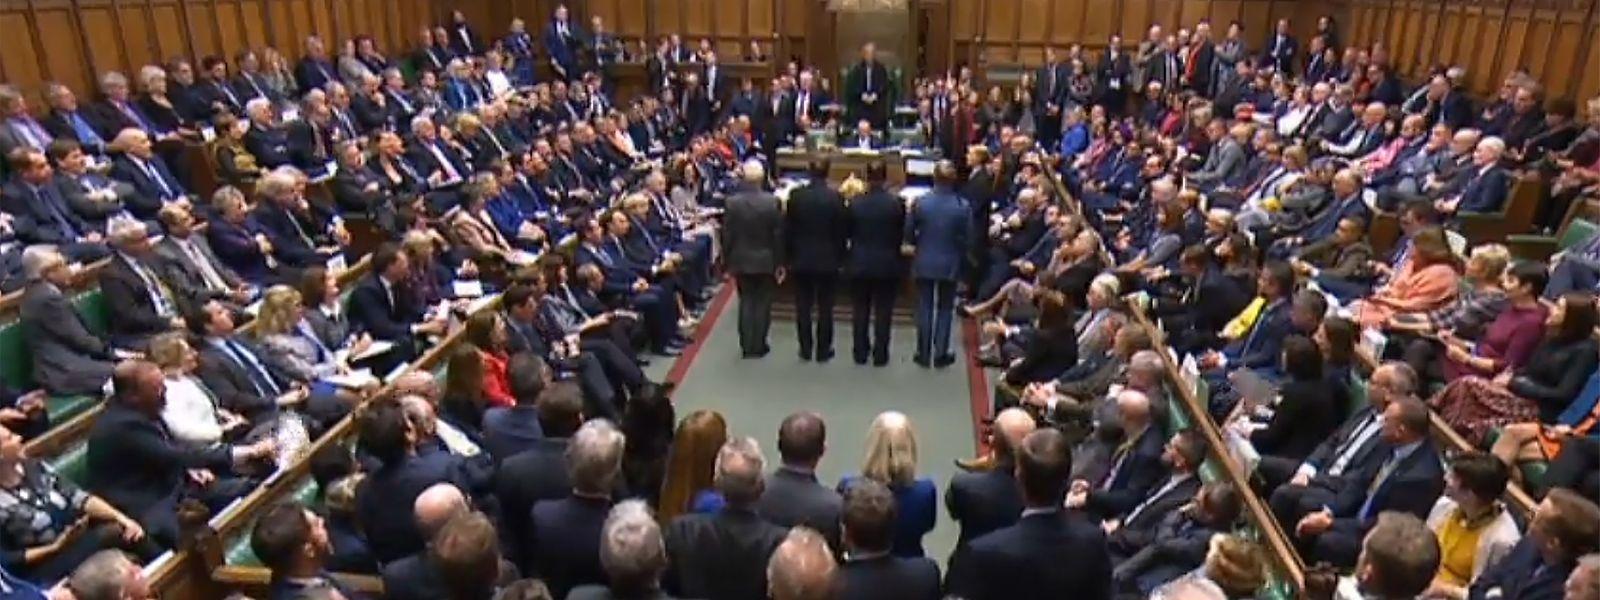 Im britischen Unterhaus hat Boris Johnsons Brexit Deal die erste Hürde genommen. Insgesamt stimmten 329 Abgeordnete für das Brexit-Gesetz.